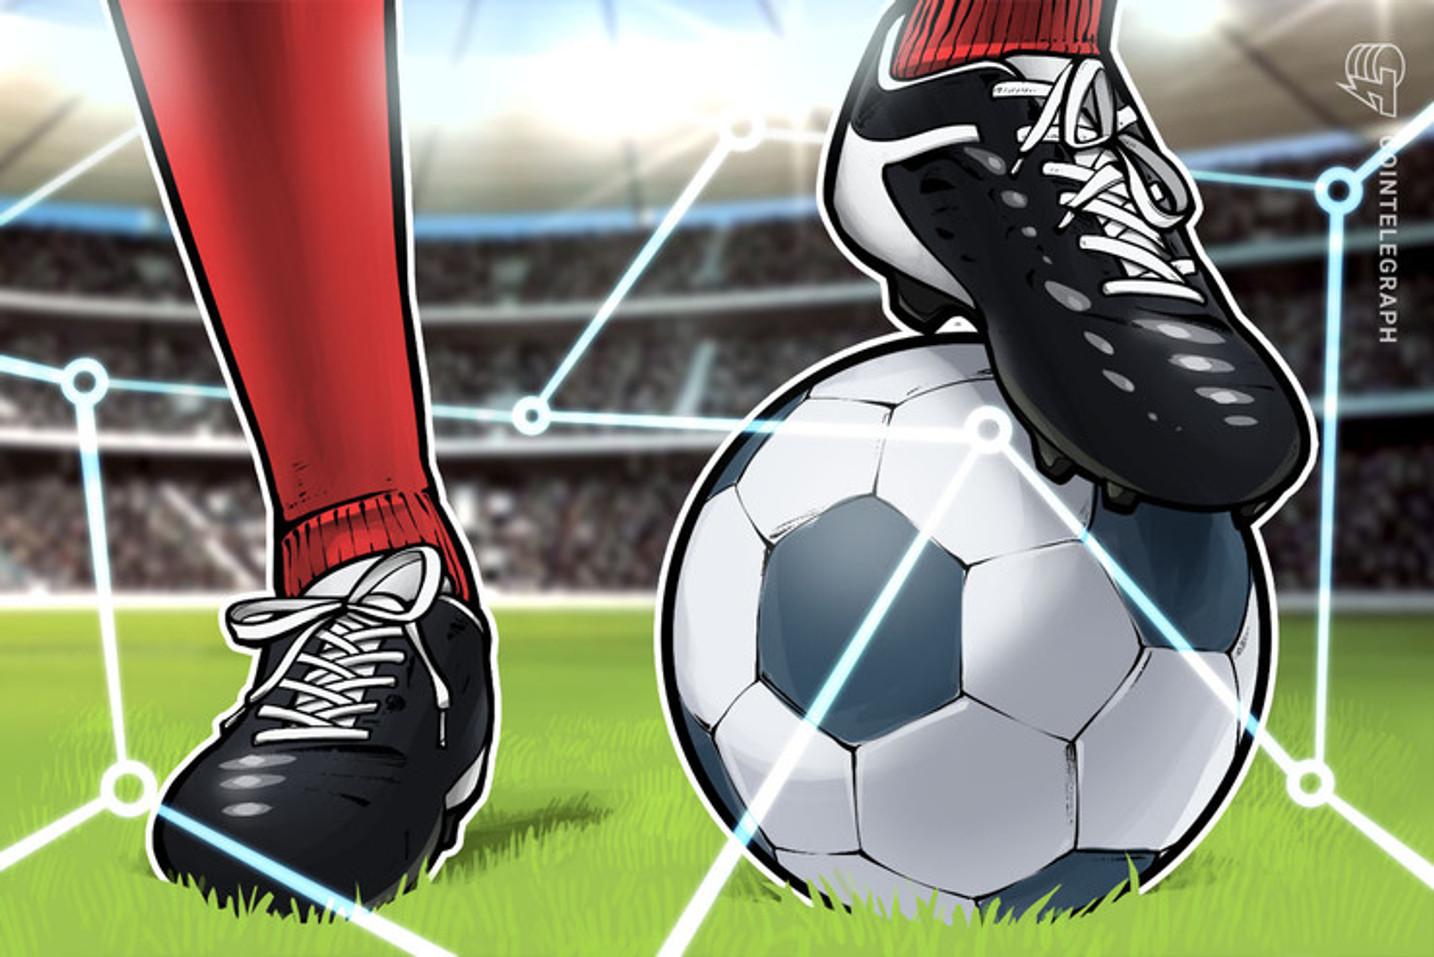 Exchange Ripio promove Bitcoin durante jogo da Seleção Brasileira de futebol contra o Qatar